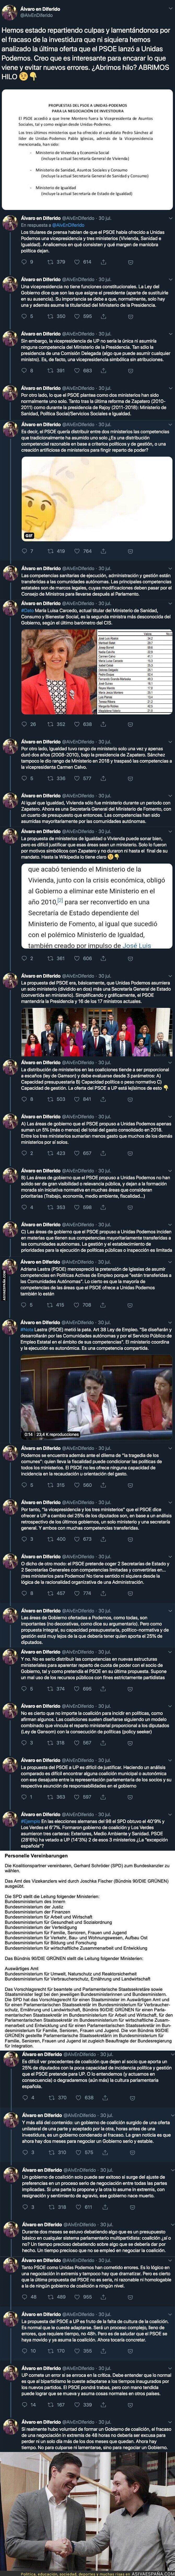 118418 - El hilo que desvela todas las trampas del PSOE a Podemos en la negociación para formar Gobierno